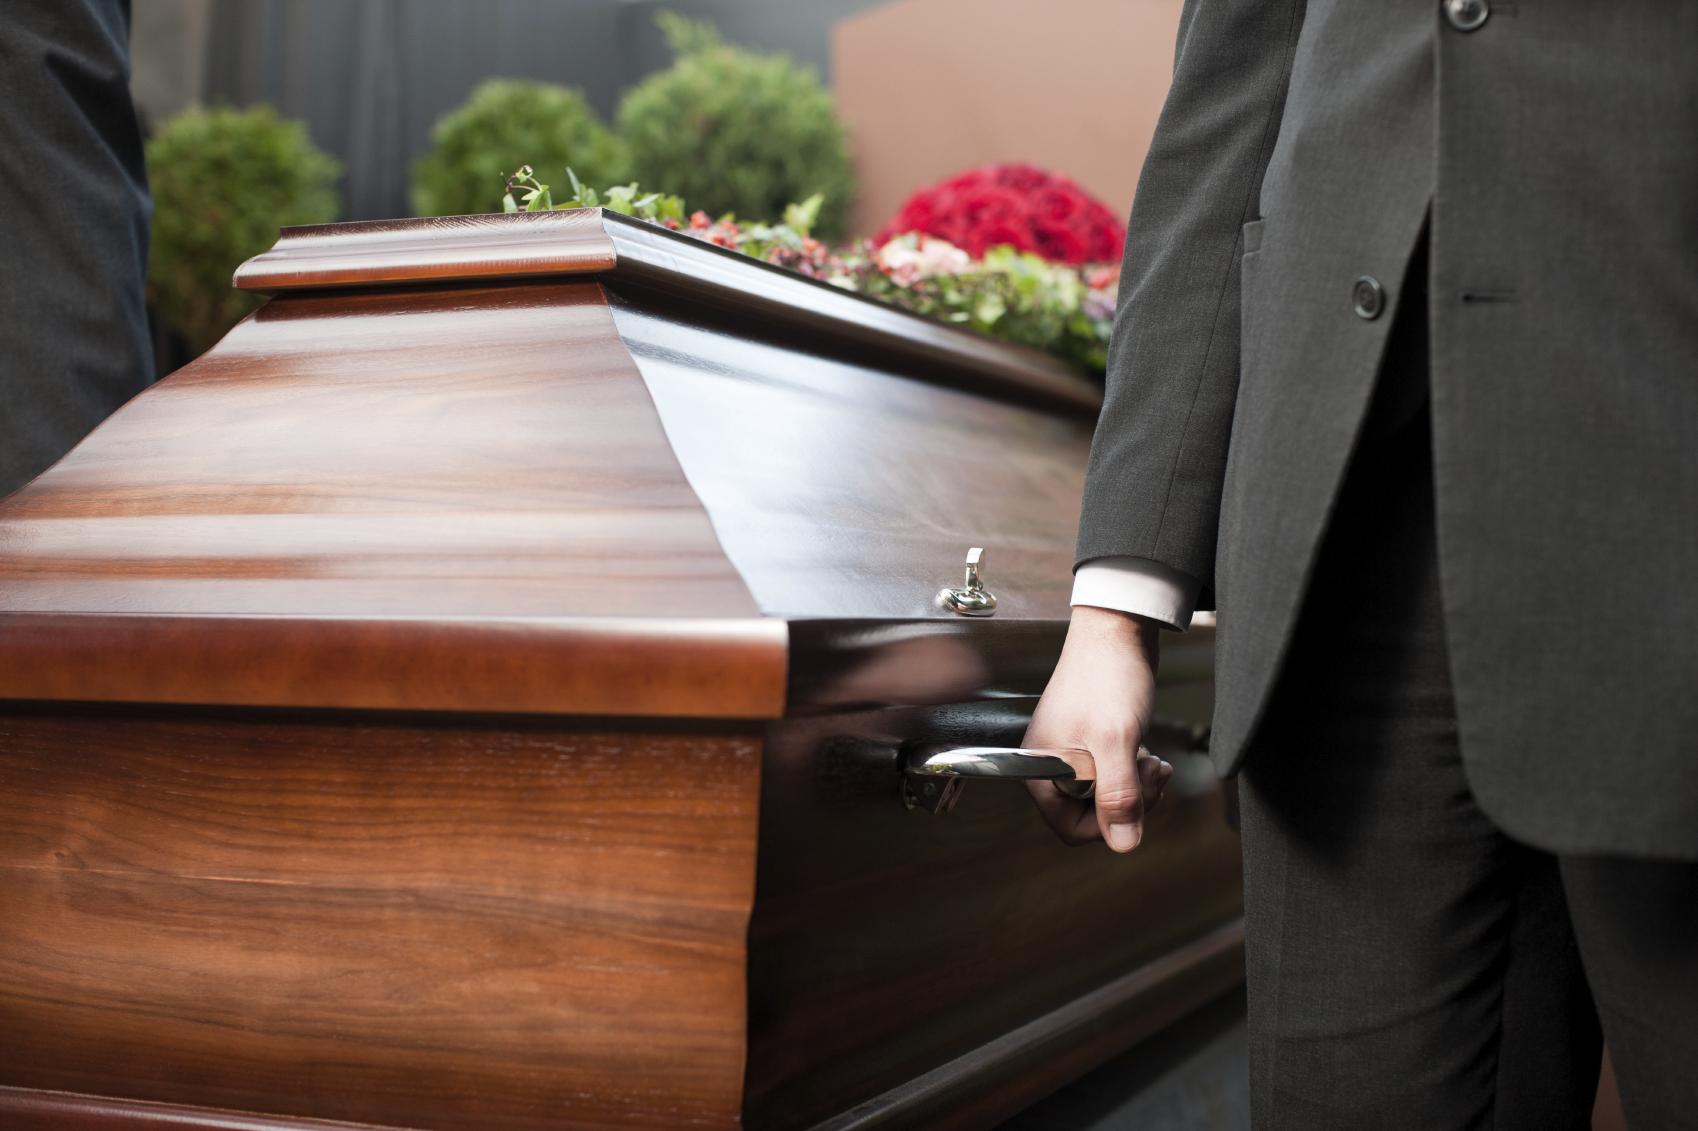 Beställa begravning online - fortfarande okänt för många